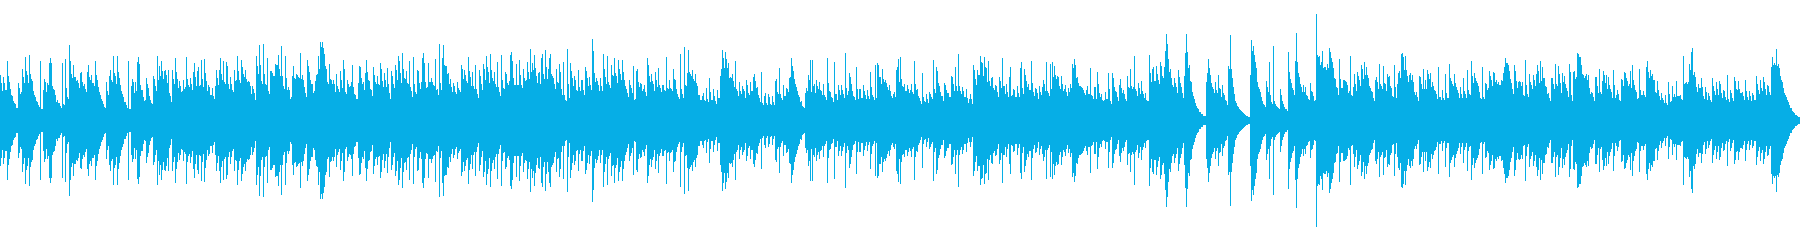 物語の始まりのようなオルゴール(ループ)の再生済みの波形